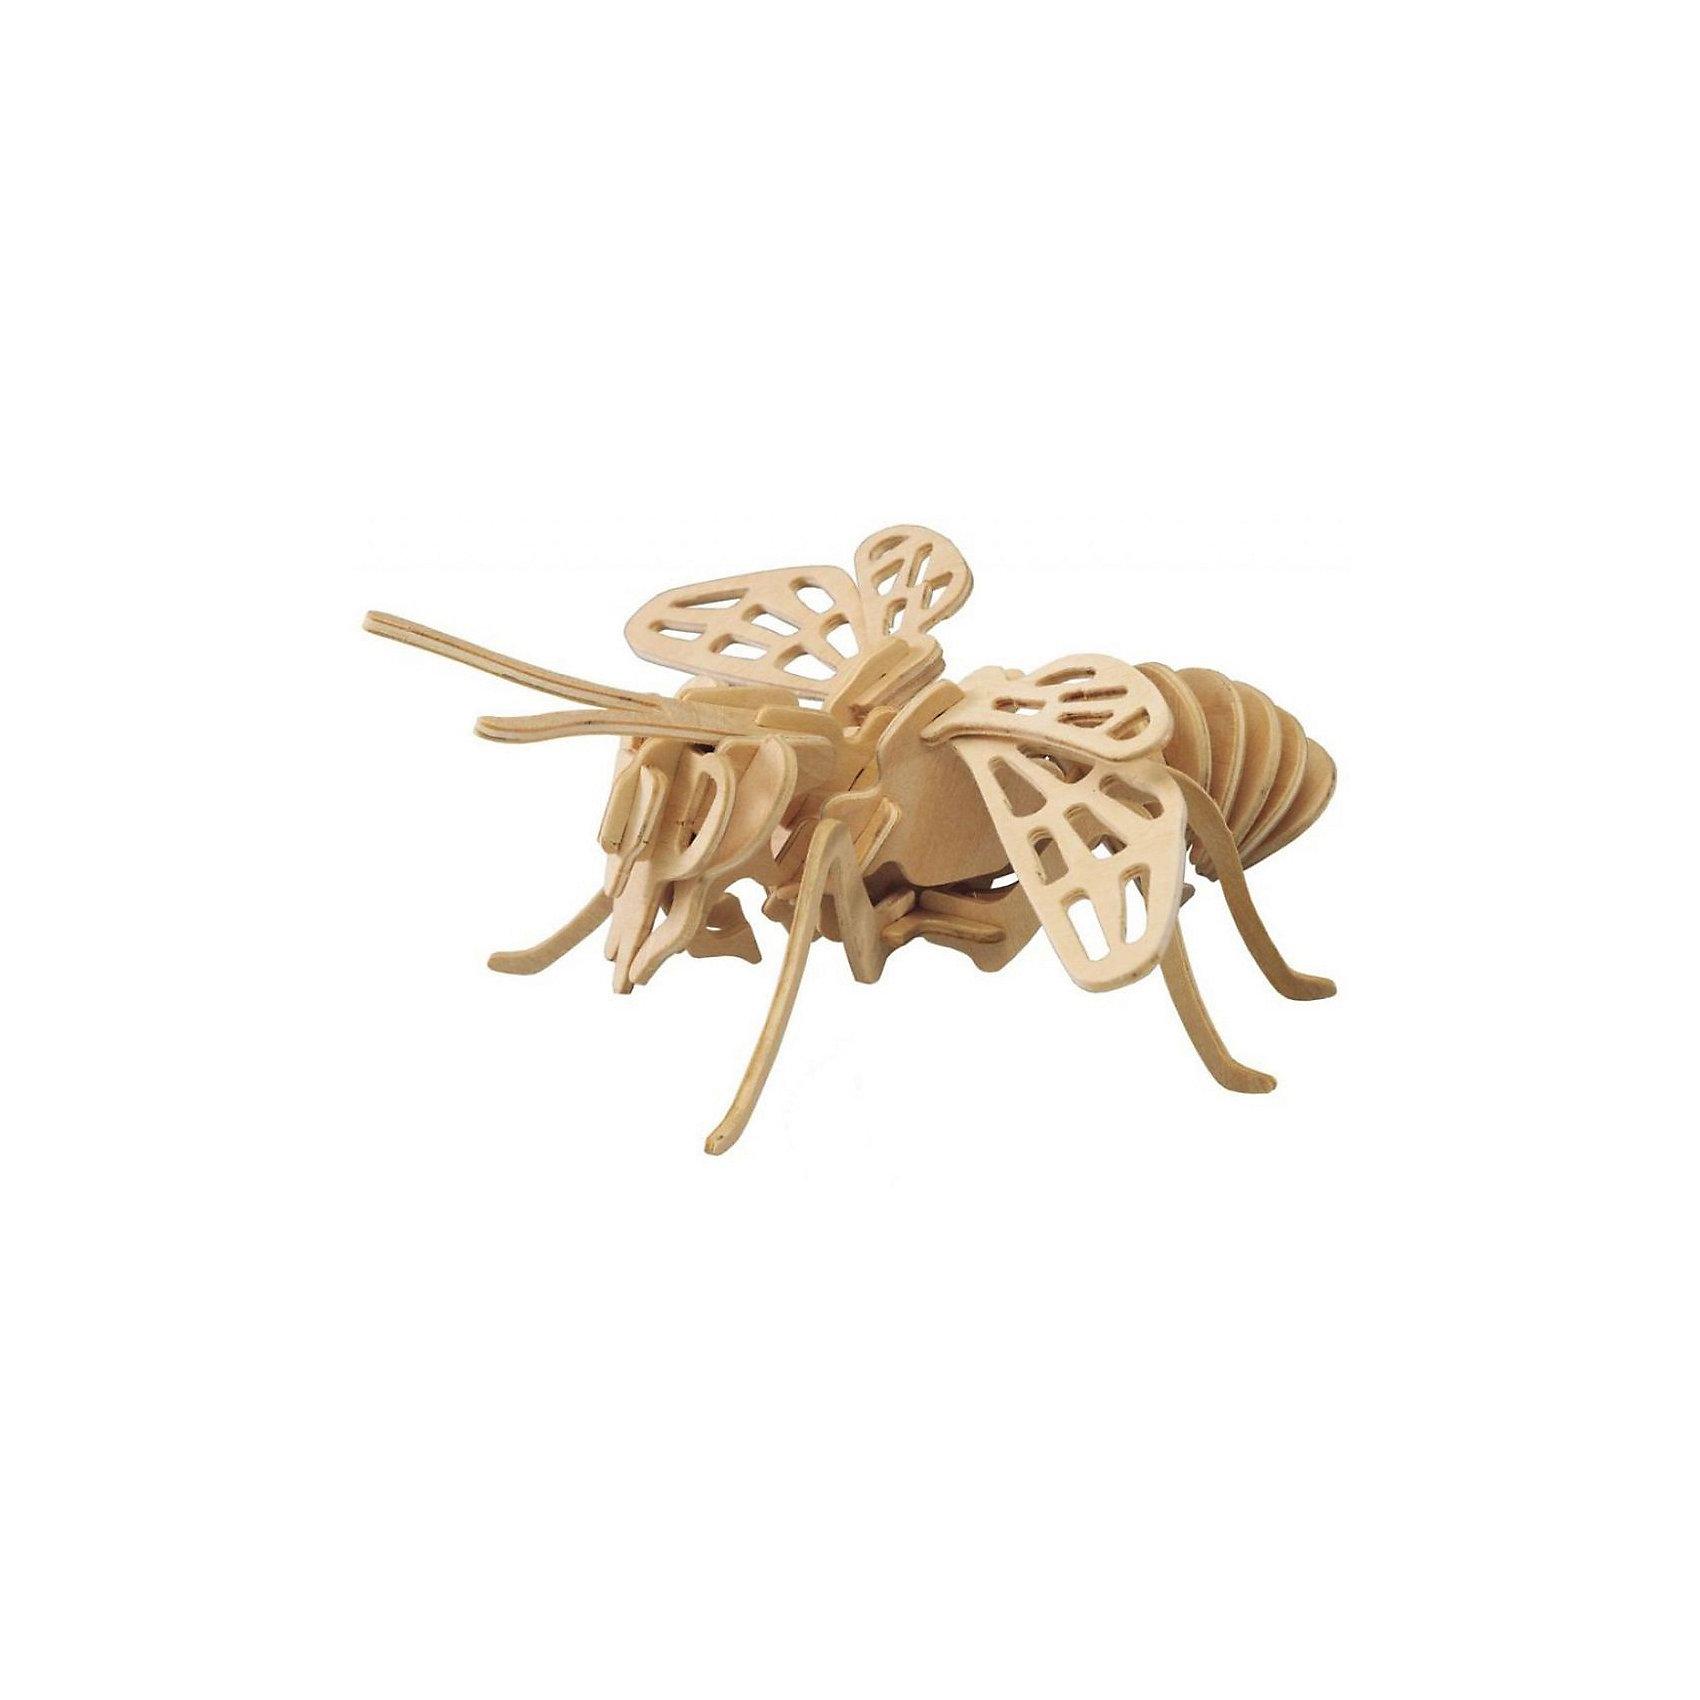 Пчела (серия Е), Мир деревянных игрушекРукоделие<br>Бренд Мир деревянных игрушек дает ребенку возможность самому сделать красивую деревянную фигуру! Специально для любящих творчество и интересующихся насекомыми были разработаны эти 3D-пазлы. Из них получаются красивые очень реалистичные фигуры, которые могут стать украшением комнаты.<br>Собирая их, ребенок будет учиться соотносить фигуры, развивать пространственное мышление, память и мелкую моторику. А раскрашивая готовое произведение, дети научатся подбирать цвета и будут развивать художественные навыки. Этот набор произведен из качественных и безопасных для детей материалов - дерево тщательно обработано.<br><br>Дополнительная информация:<br><br>материал: дерево;<br>цвет: бежевый;<br>элементы: четыре пластины с деталями для сборки;<br>размер готовой игрушки: 13 х 36 х 34 см.<br><br>3D-пазл Пчела (серия Е) от бренда Мир деревянных игрушек можно купить в нашем магазине.<br><br>Ширина мм: 220<br>Глубина мм: 30<br>Высота мм: 180<br>Вес г: 300<br>Возраст от месяцев: 36<br>Возраст до месяцев: 144<br>Пол: Унисекс<br>Возраст: Детский<br>SKU: 4969021